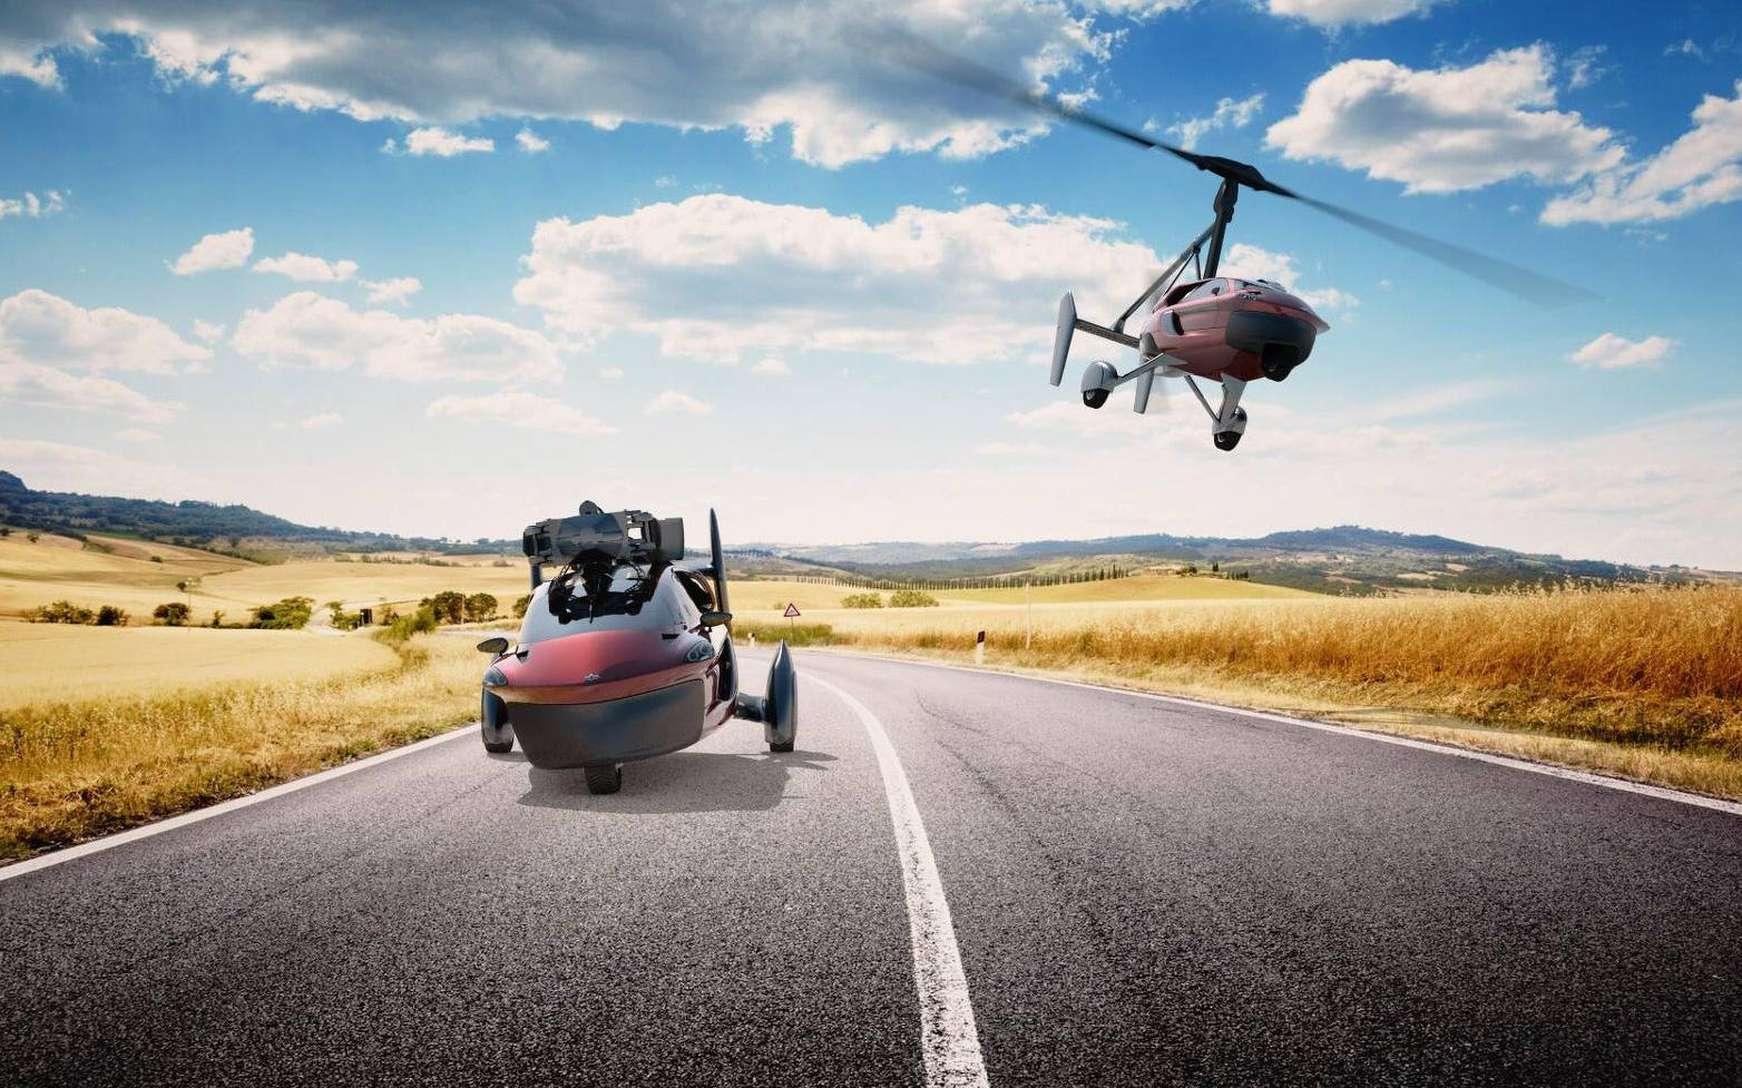 Le vieux fantasme de la voiture volante prend enfin corps avec la PAL-V Liberty, le premier modèle grand public commercialisé par la société néerlandaise PAL-V. © PAL-V